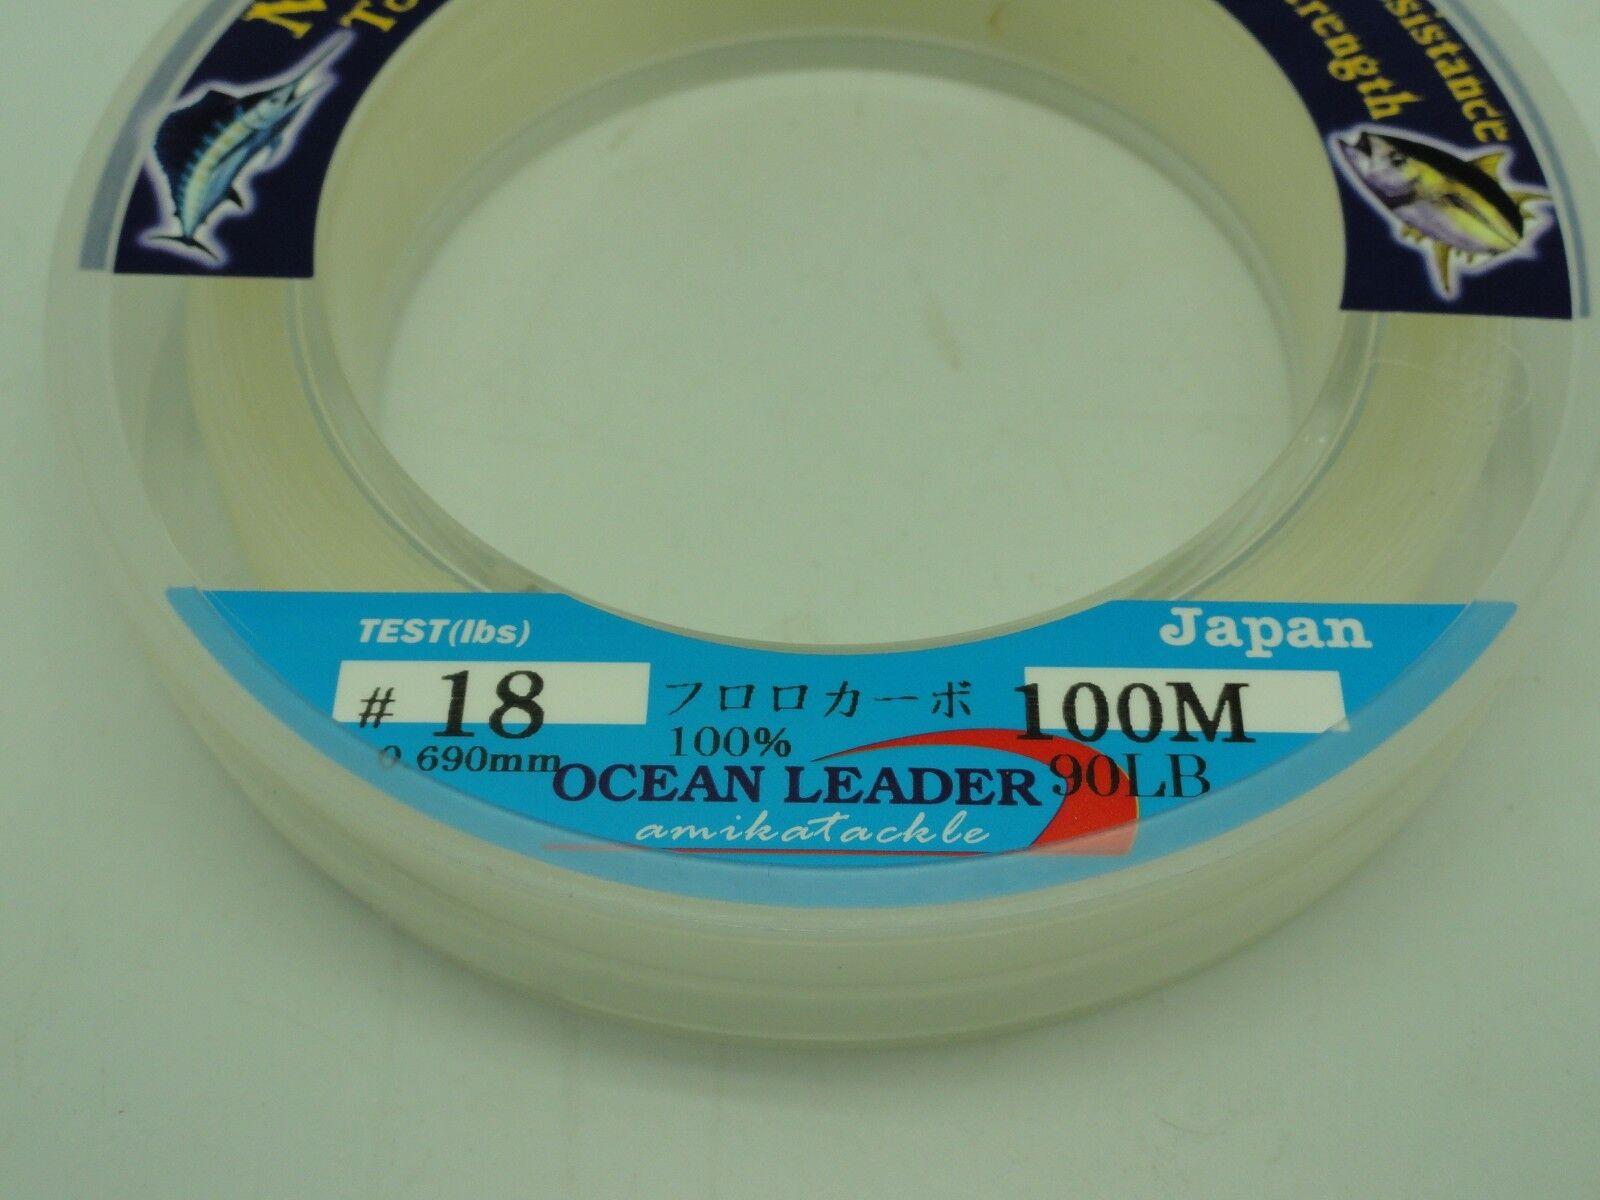 Amika Mirage Flugoldcarbon Leader Japan U.S. 60 90lb 110yd Jigging BG Fishing